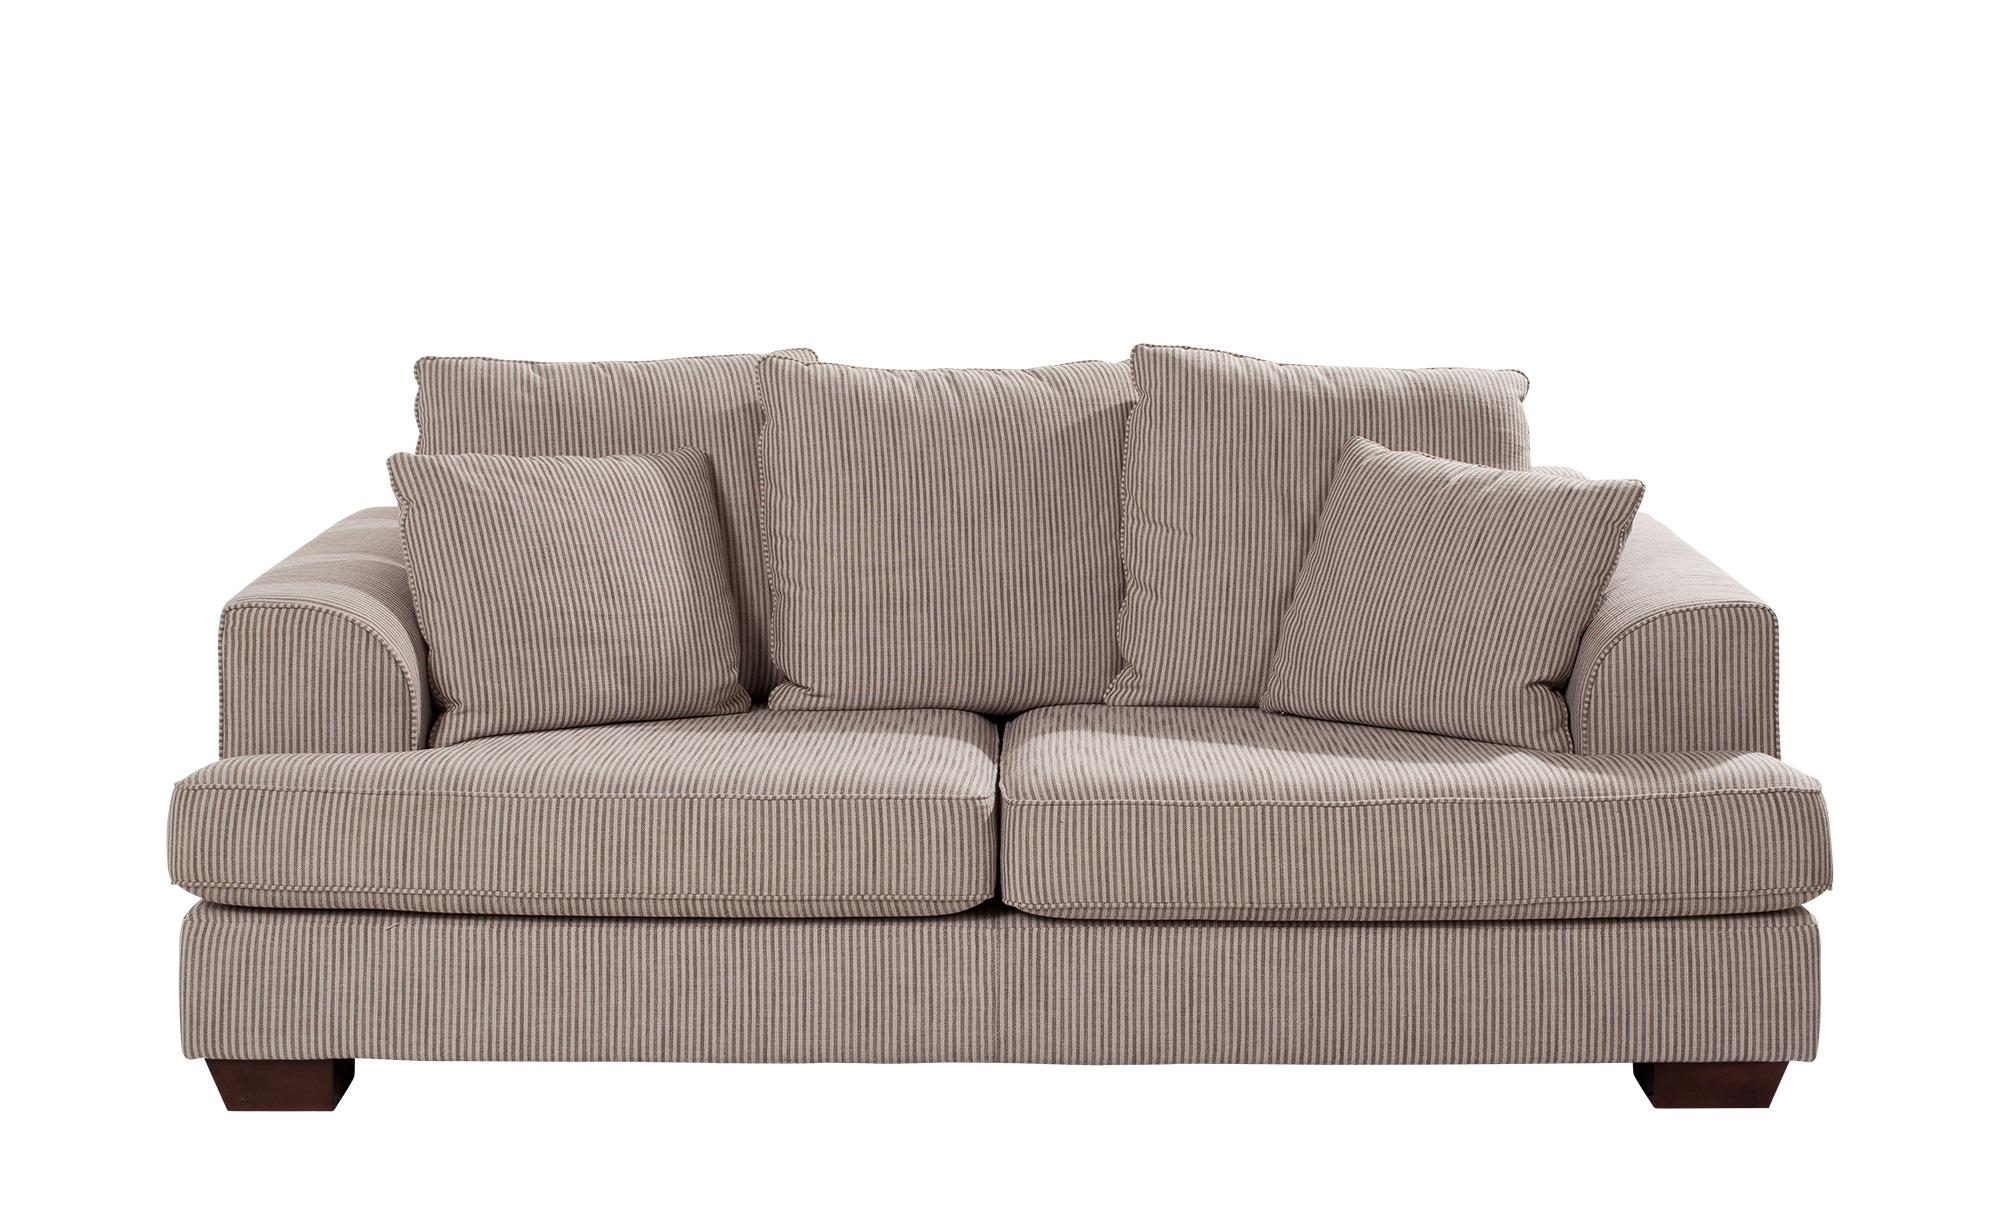 SOHO Loungesofa braun - Webstoff Franka ¦ beige ¦ Maße (cm): B: 199 H: 87 T: 103 Polstermöbel > Sofas > Einzelsofas - Höffner